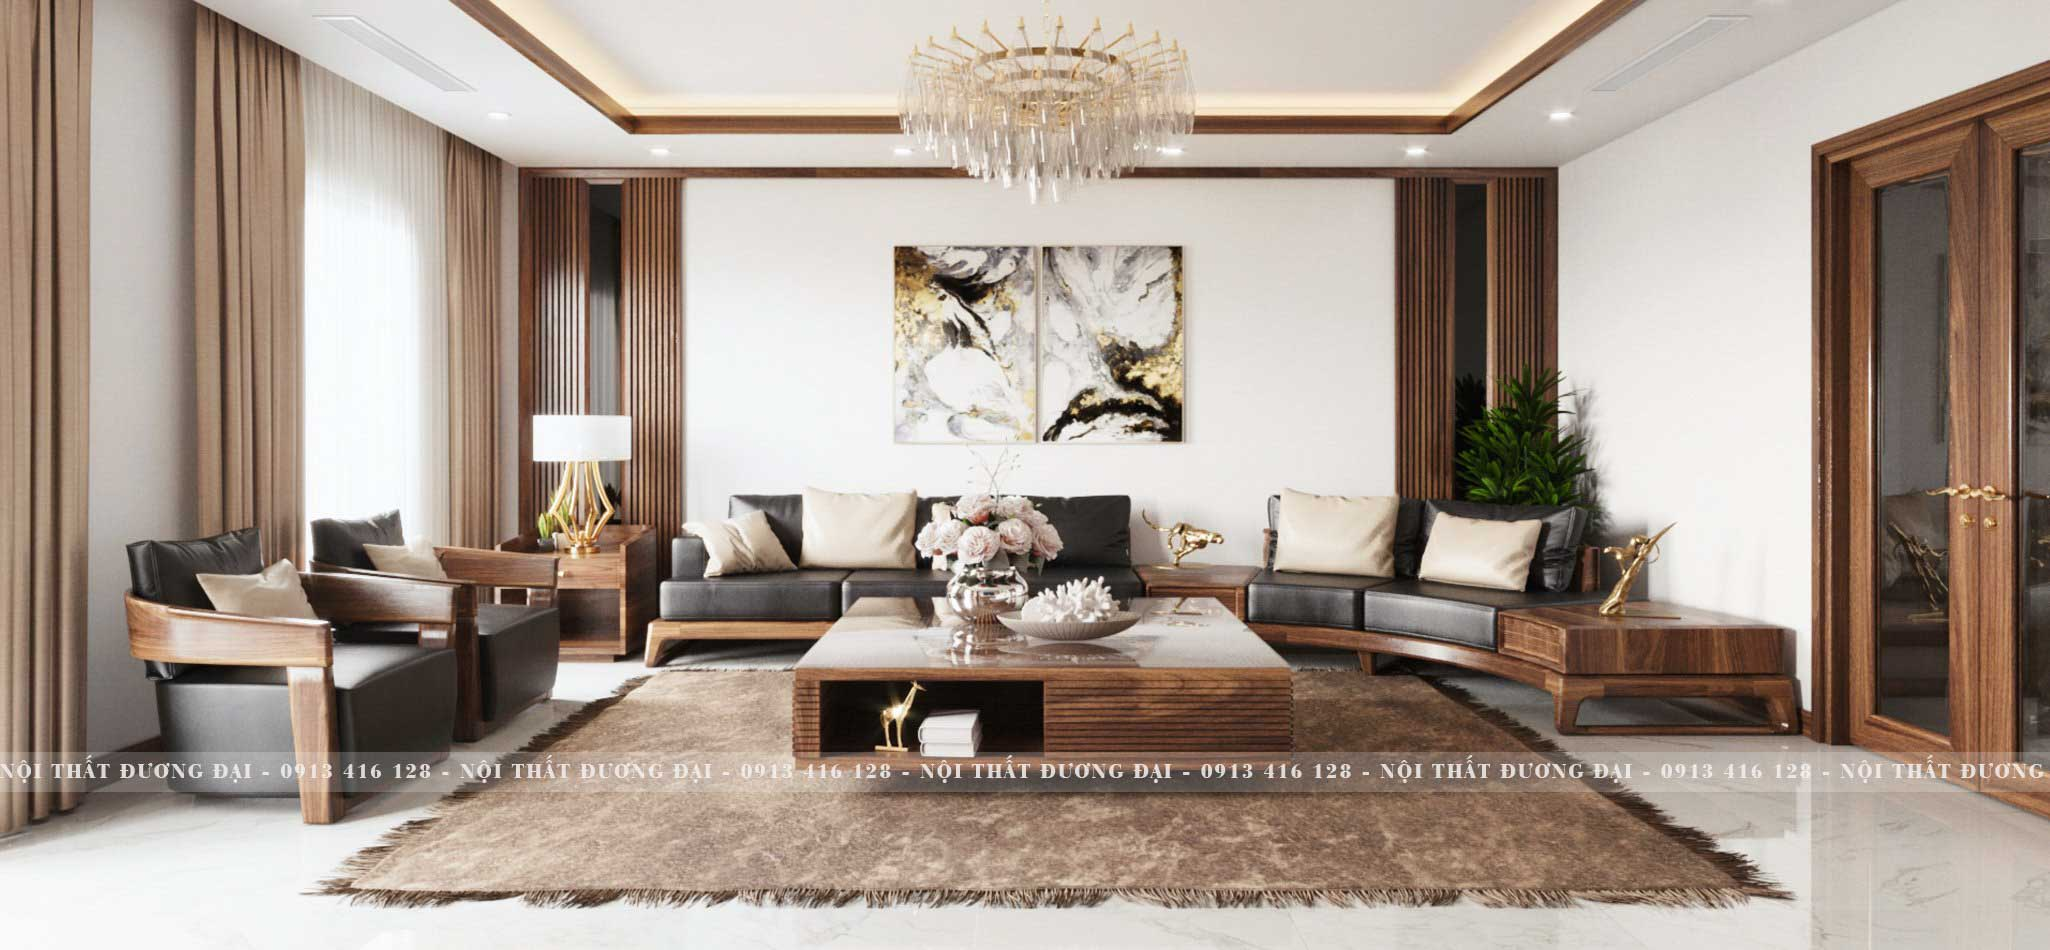 Nội Thất Đương Đại là công ty chuyên thiết kế nội thất, thi công và sản xuất nội thất gỗ óc chó.